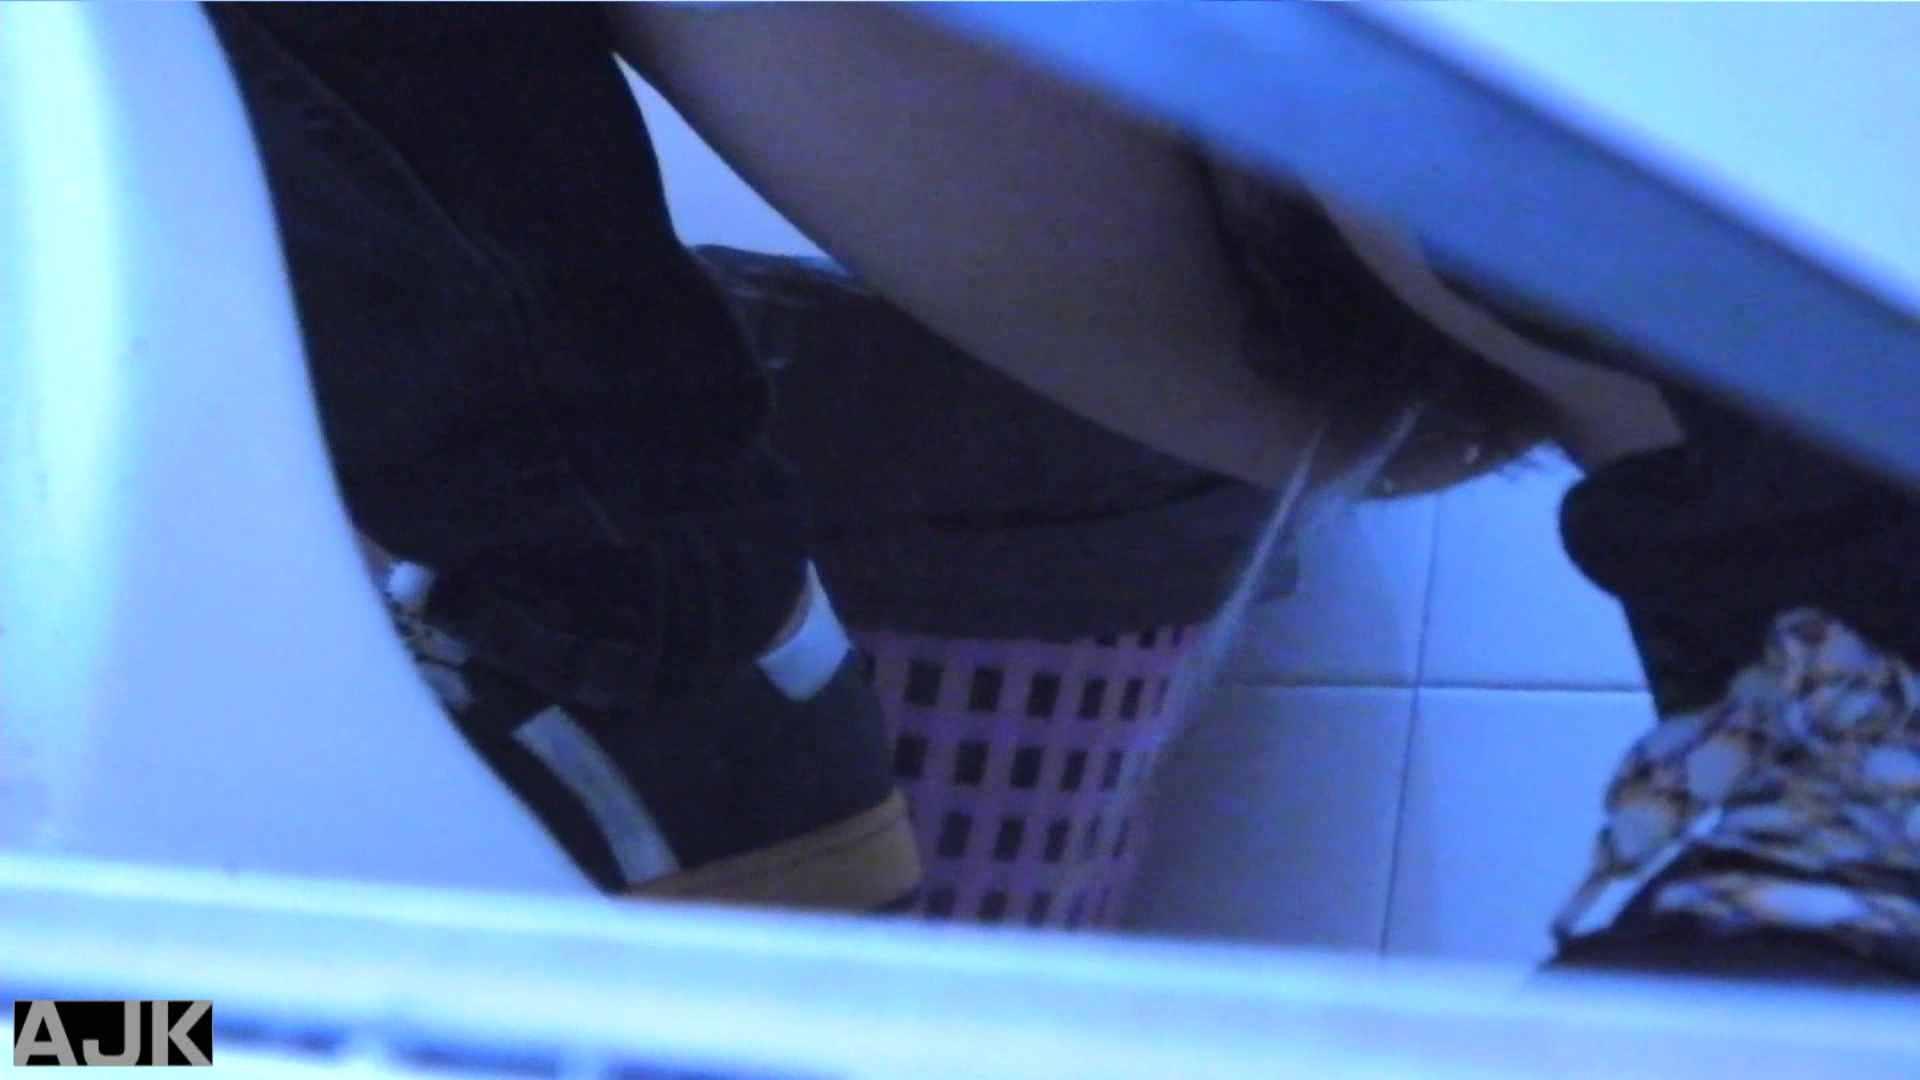 隣国上階級エリアの令嬢たちが集うデパートお手洗い Vol.07 お手洗い | OL  73連発 67